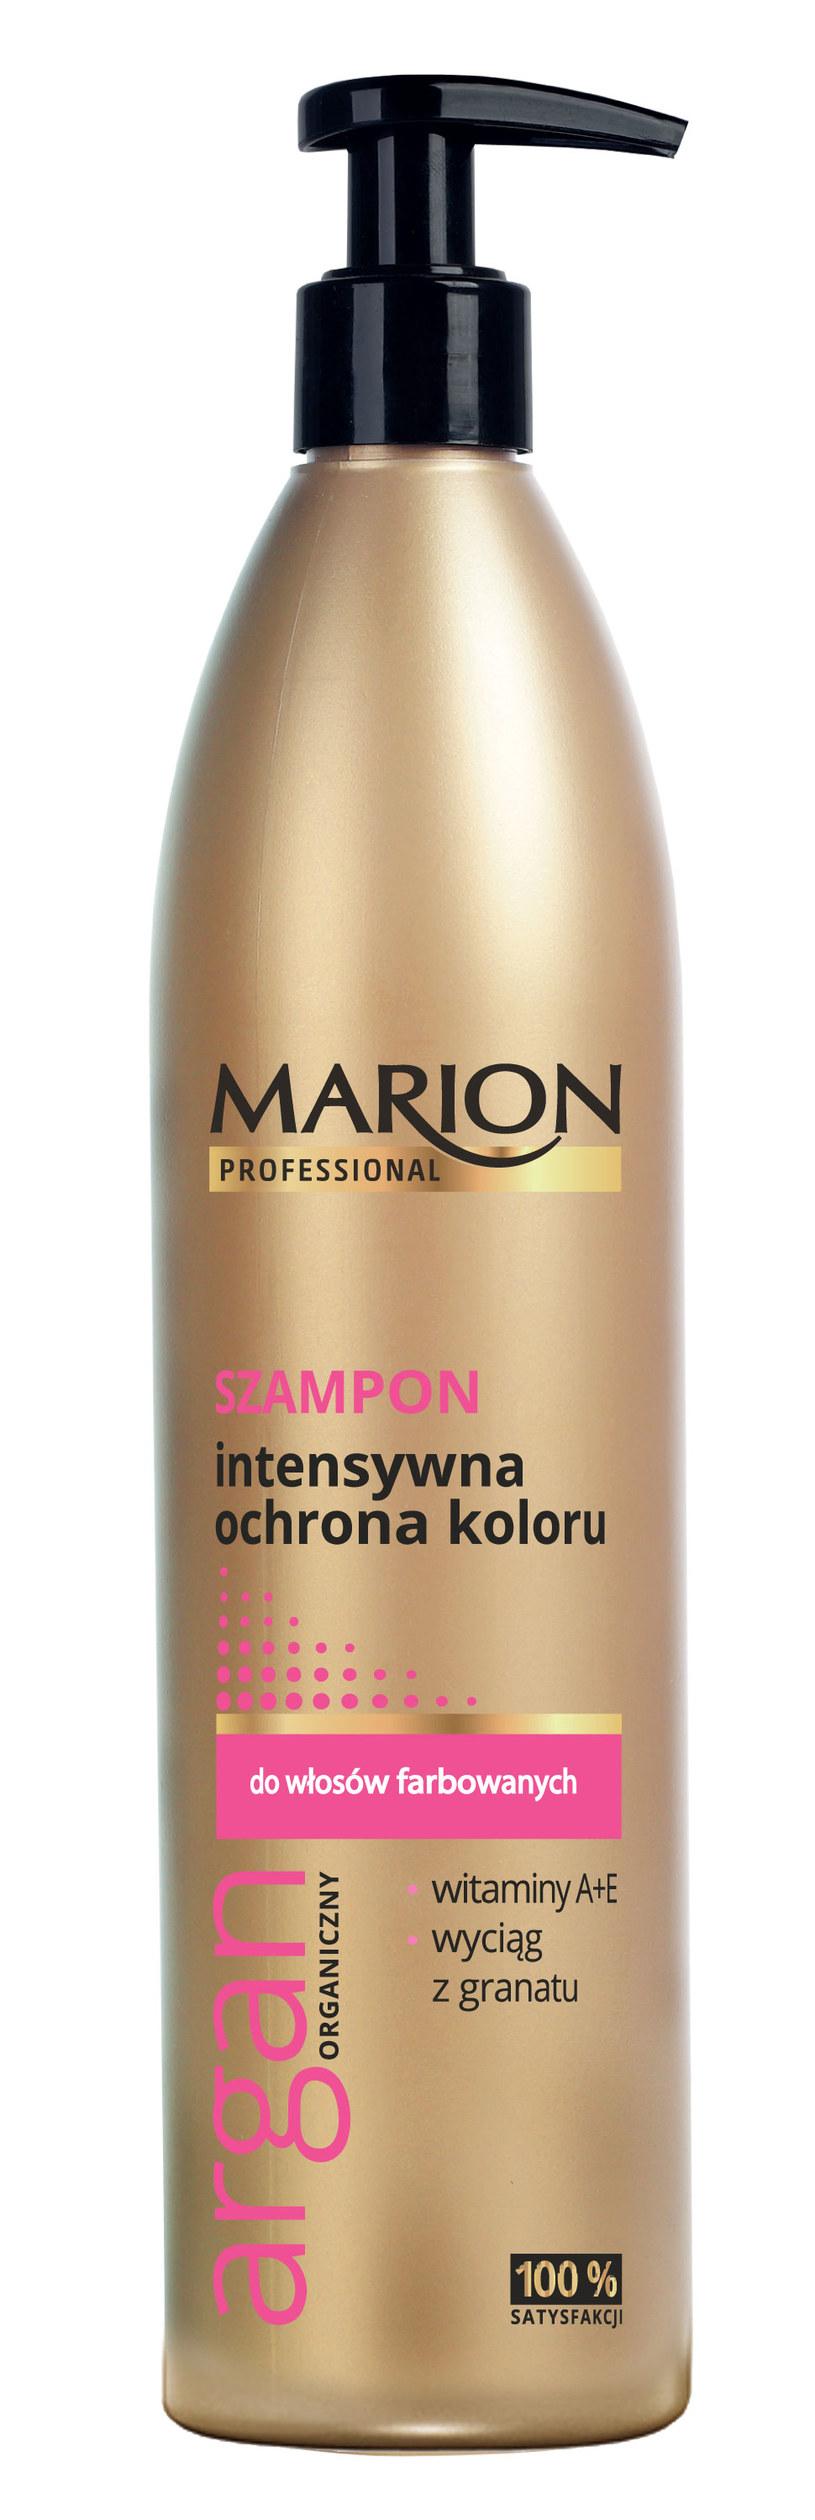 Szampon Intensywna ochrona koloru Marion /materiały prasowe